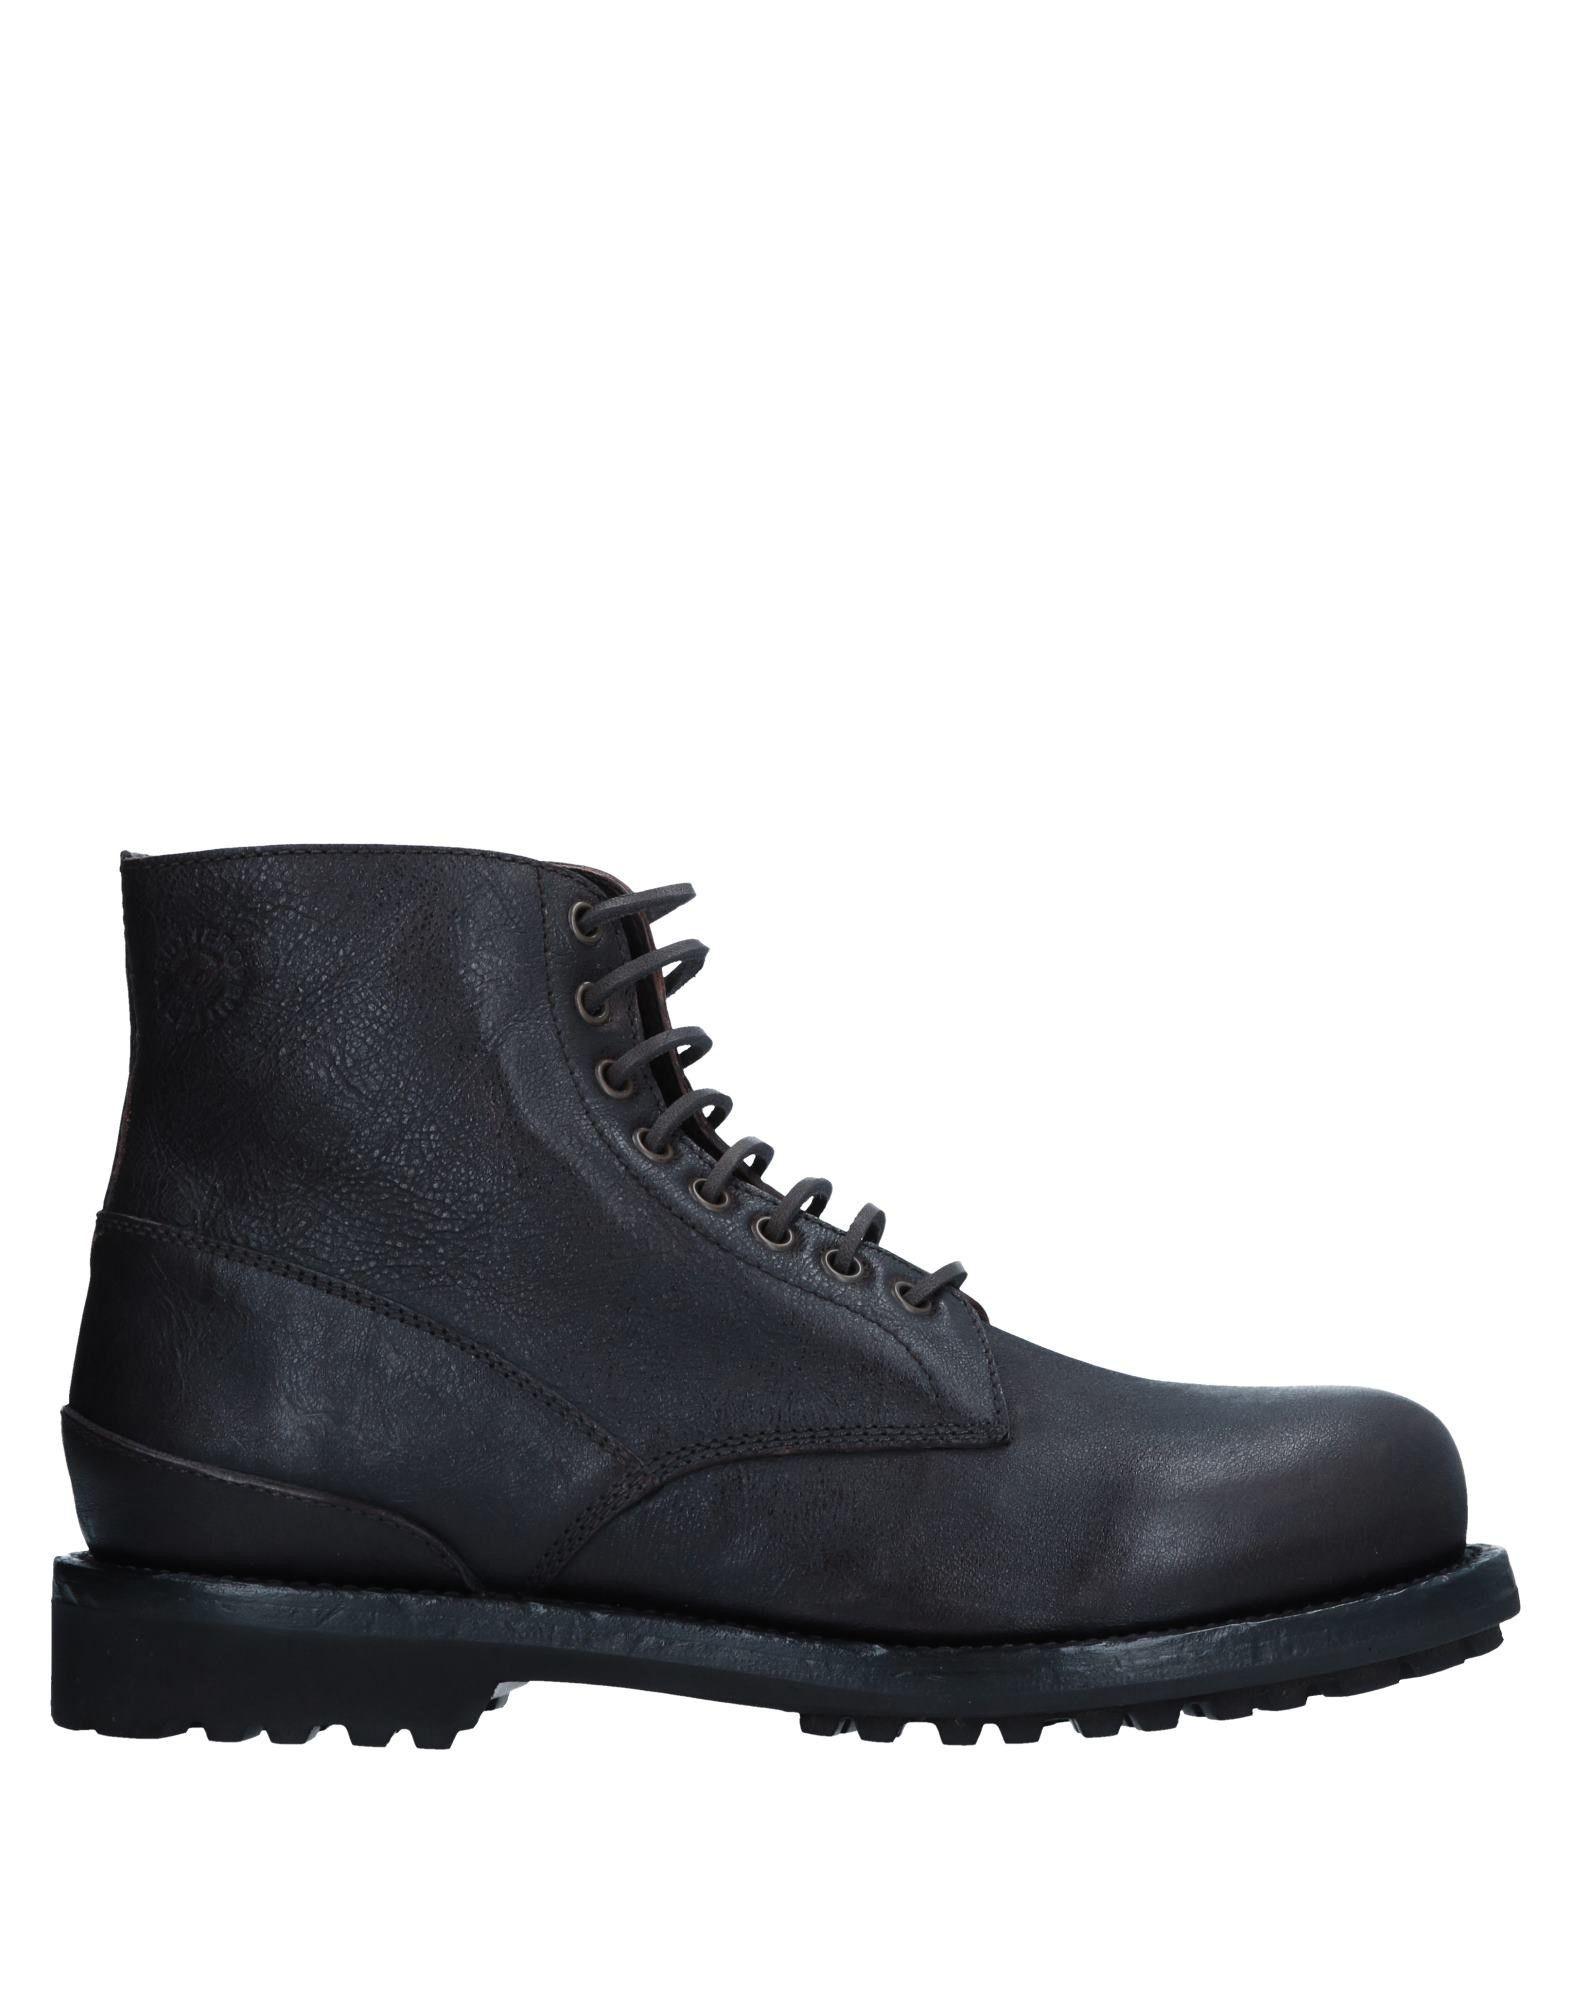 Buttero® Stiefelette Herren  11544185IJ Gute Qualität beliebte Schuhe